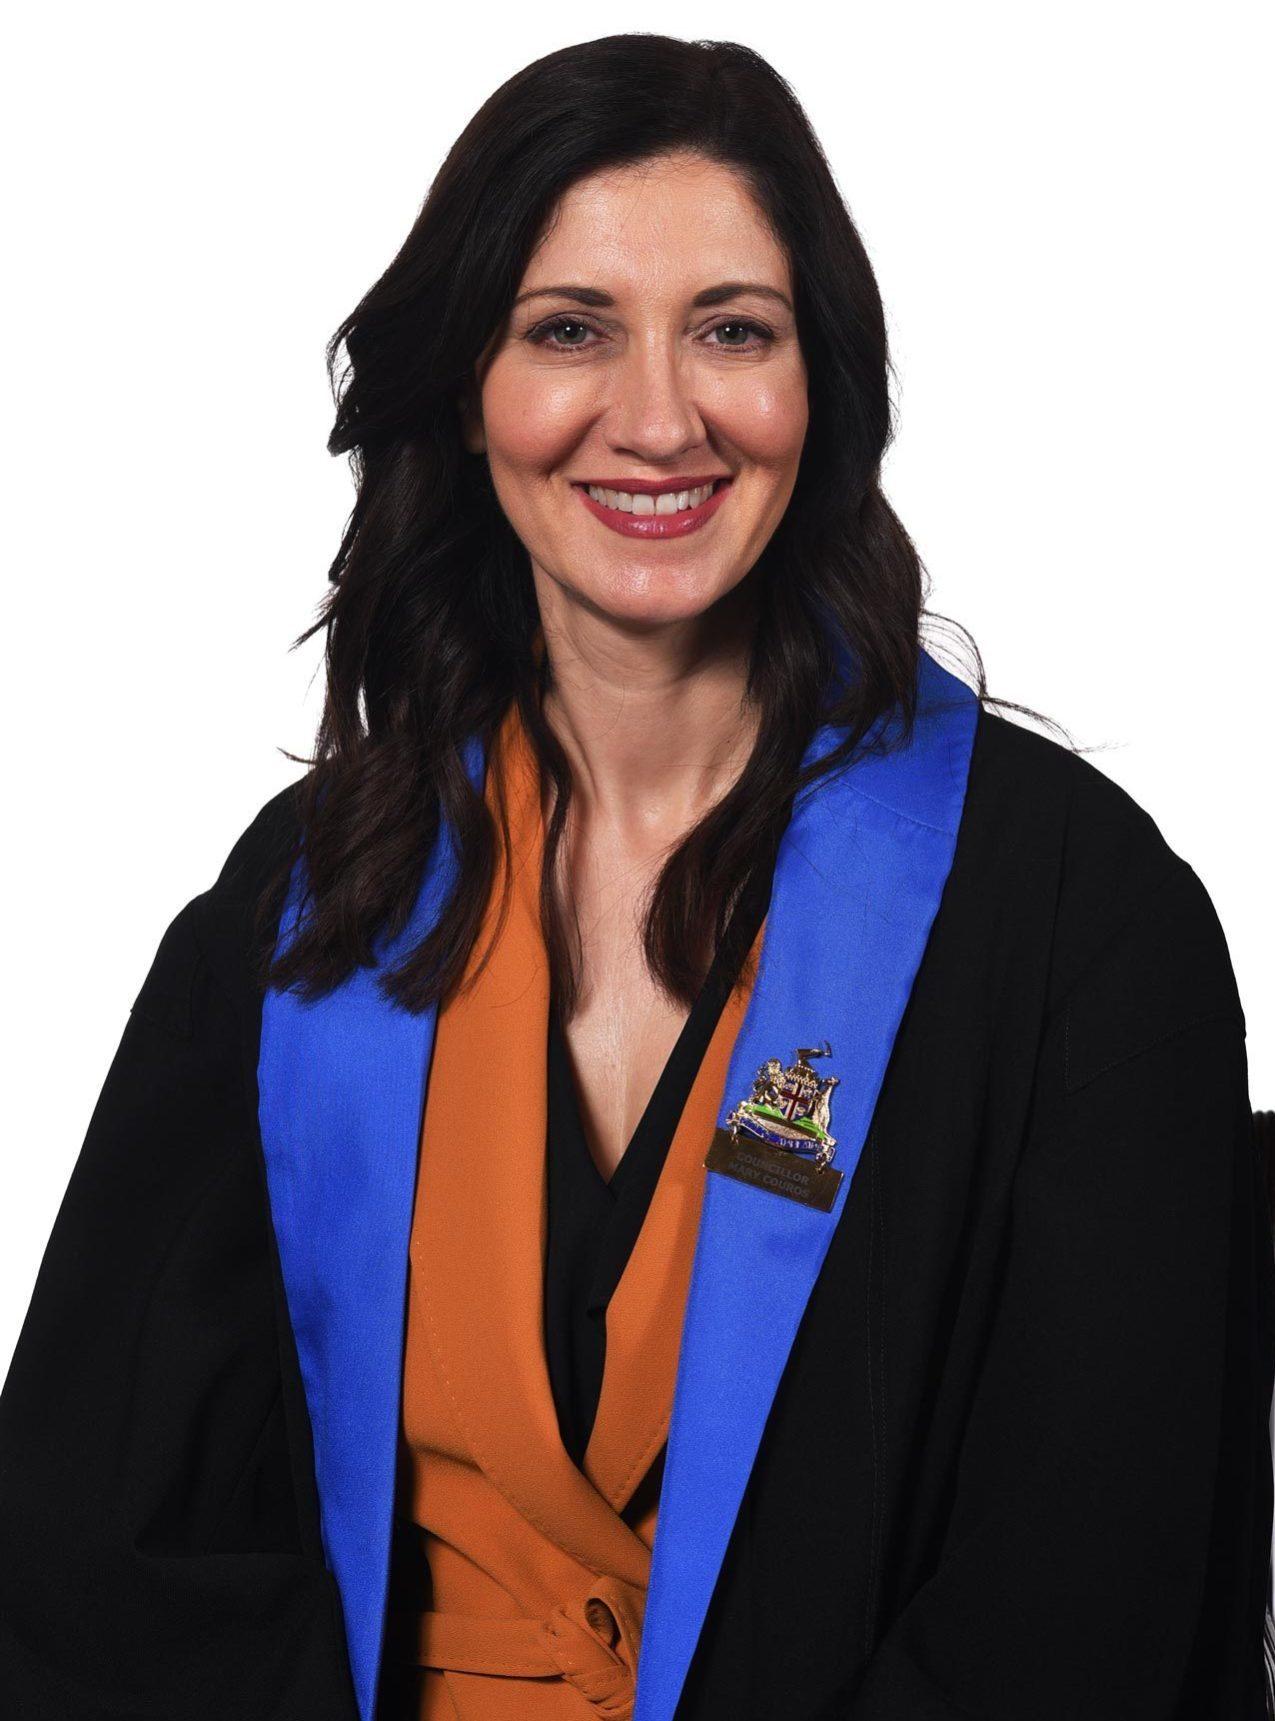 Councillor Mary Couros